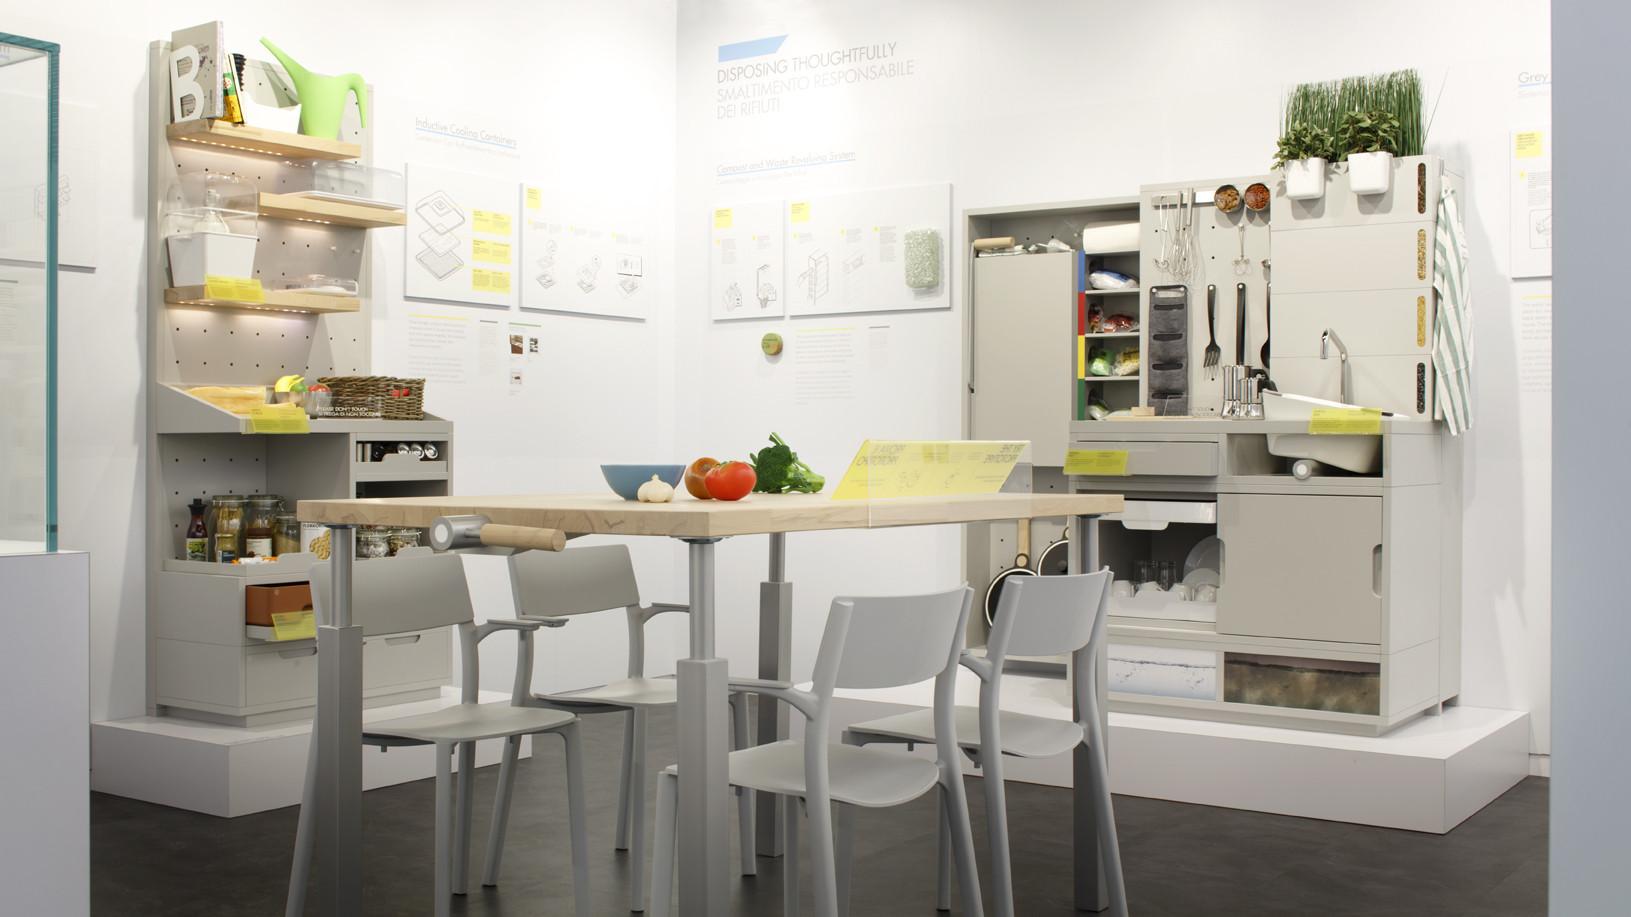 Fein Küche Liefert Shop London Zeitgenössisch - Ideen Für Die Küche ...